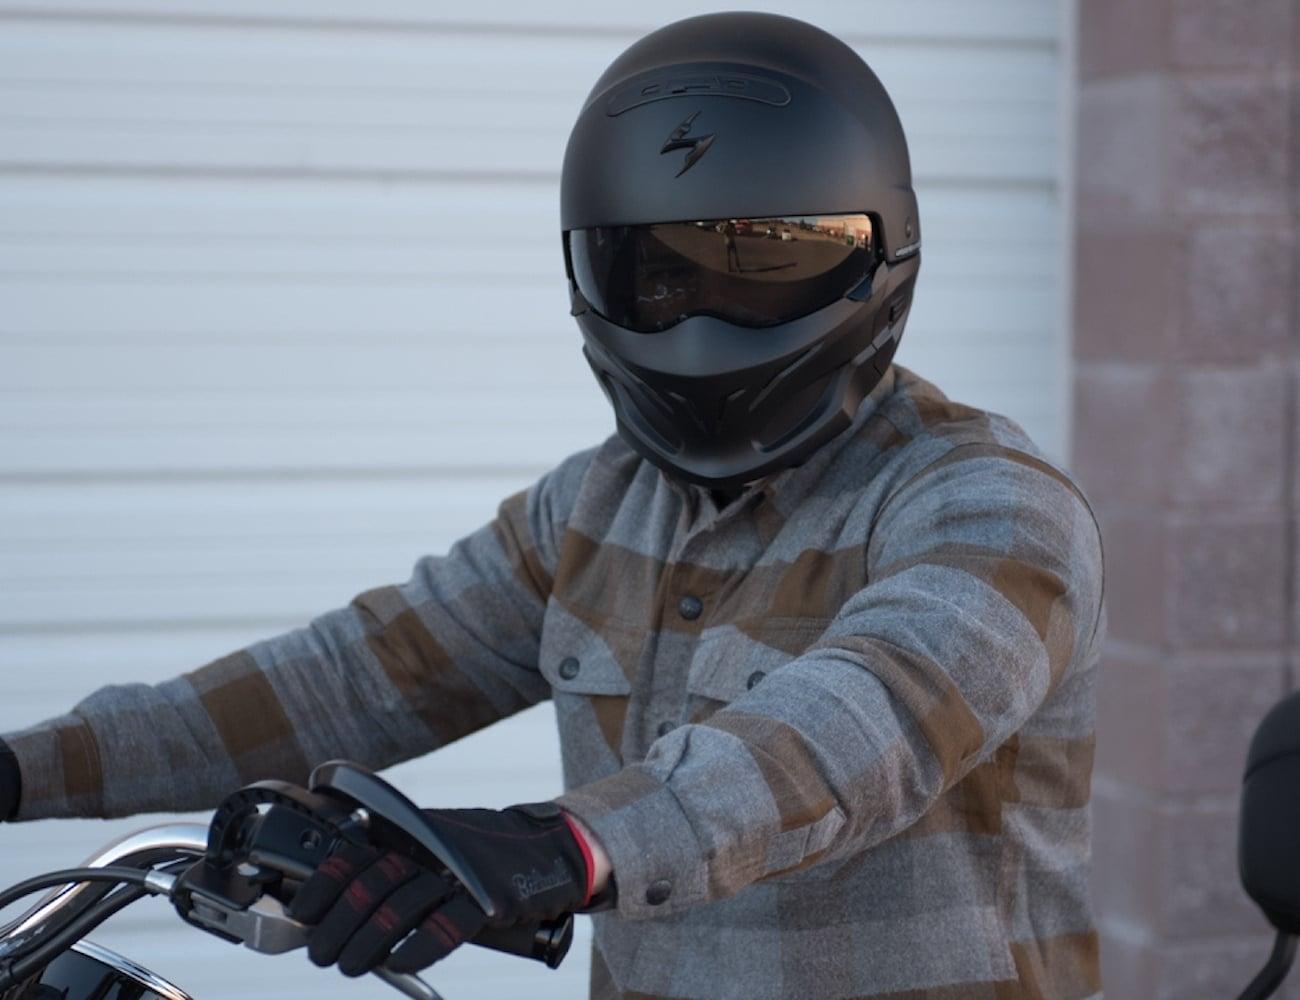 Scorpion+Exo+Covert+Matte+Black+Helmet